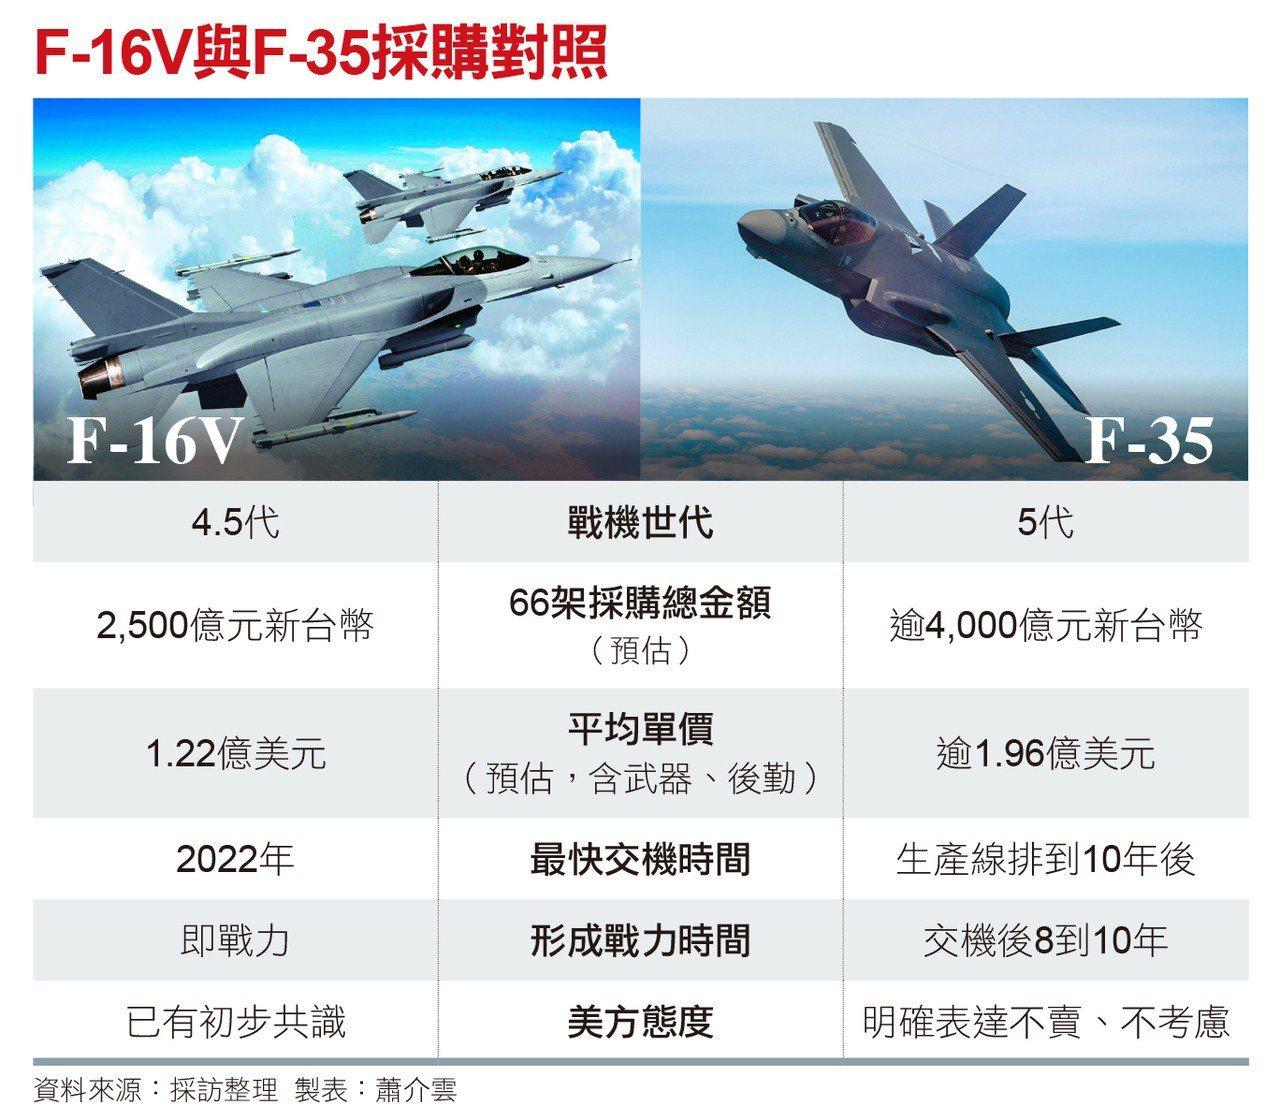 F-16V與F-35戰機採購對照 資料來源:採訪整理。製表:蕭介雲。